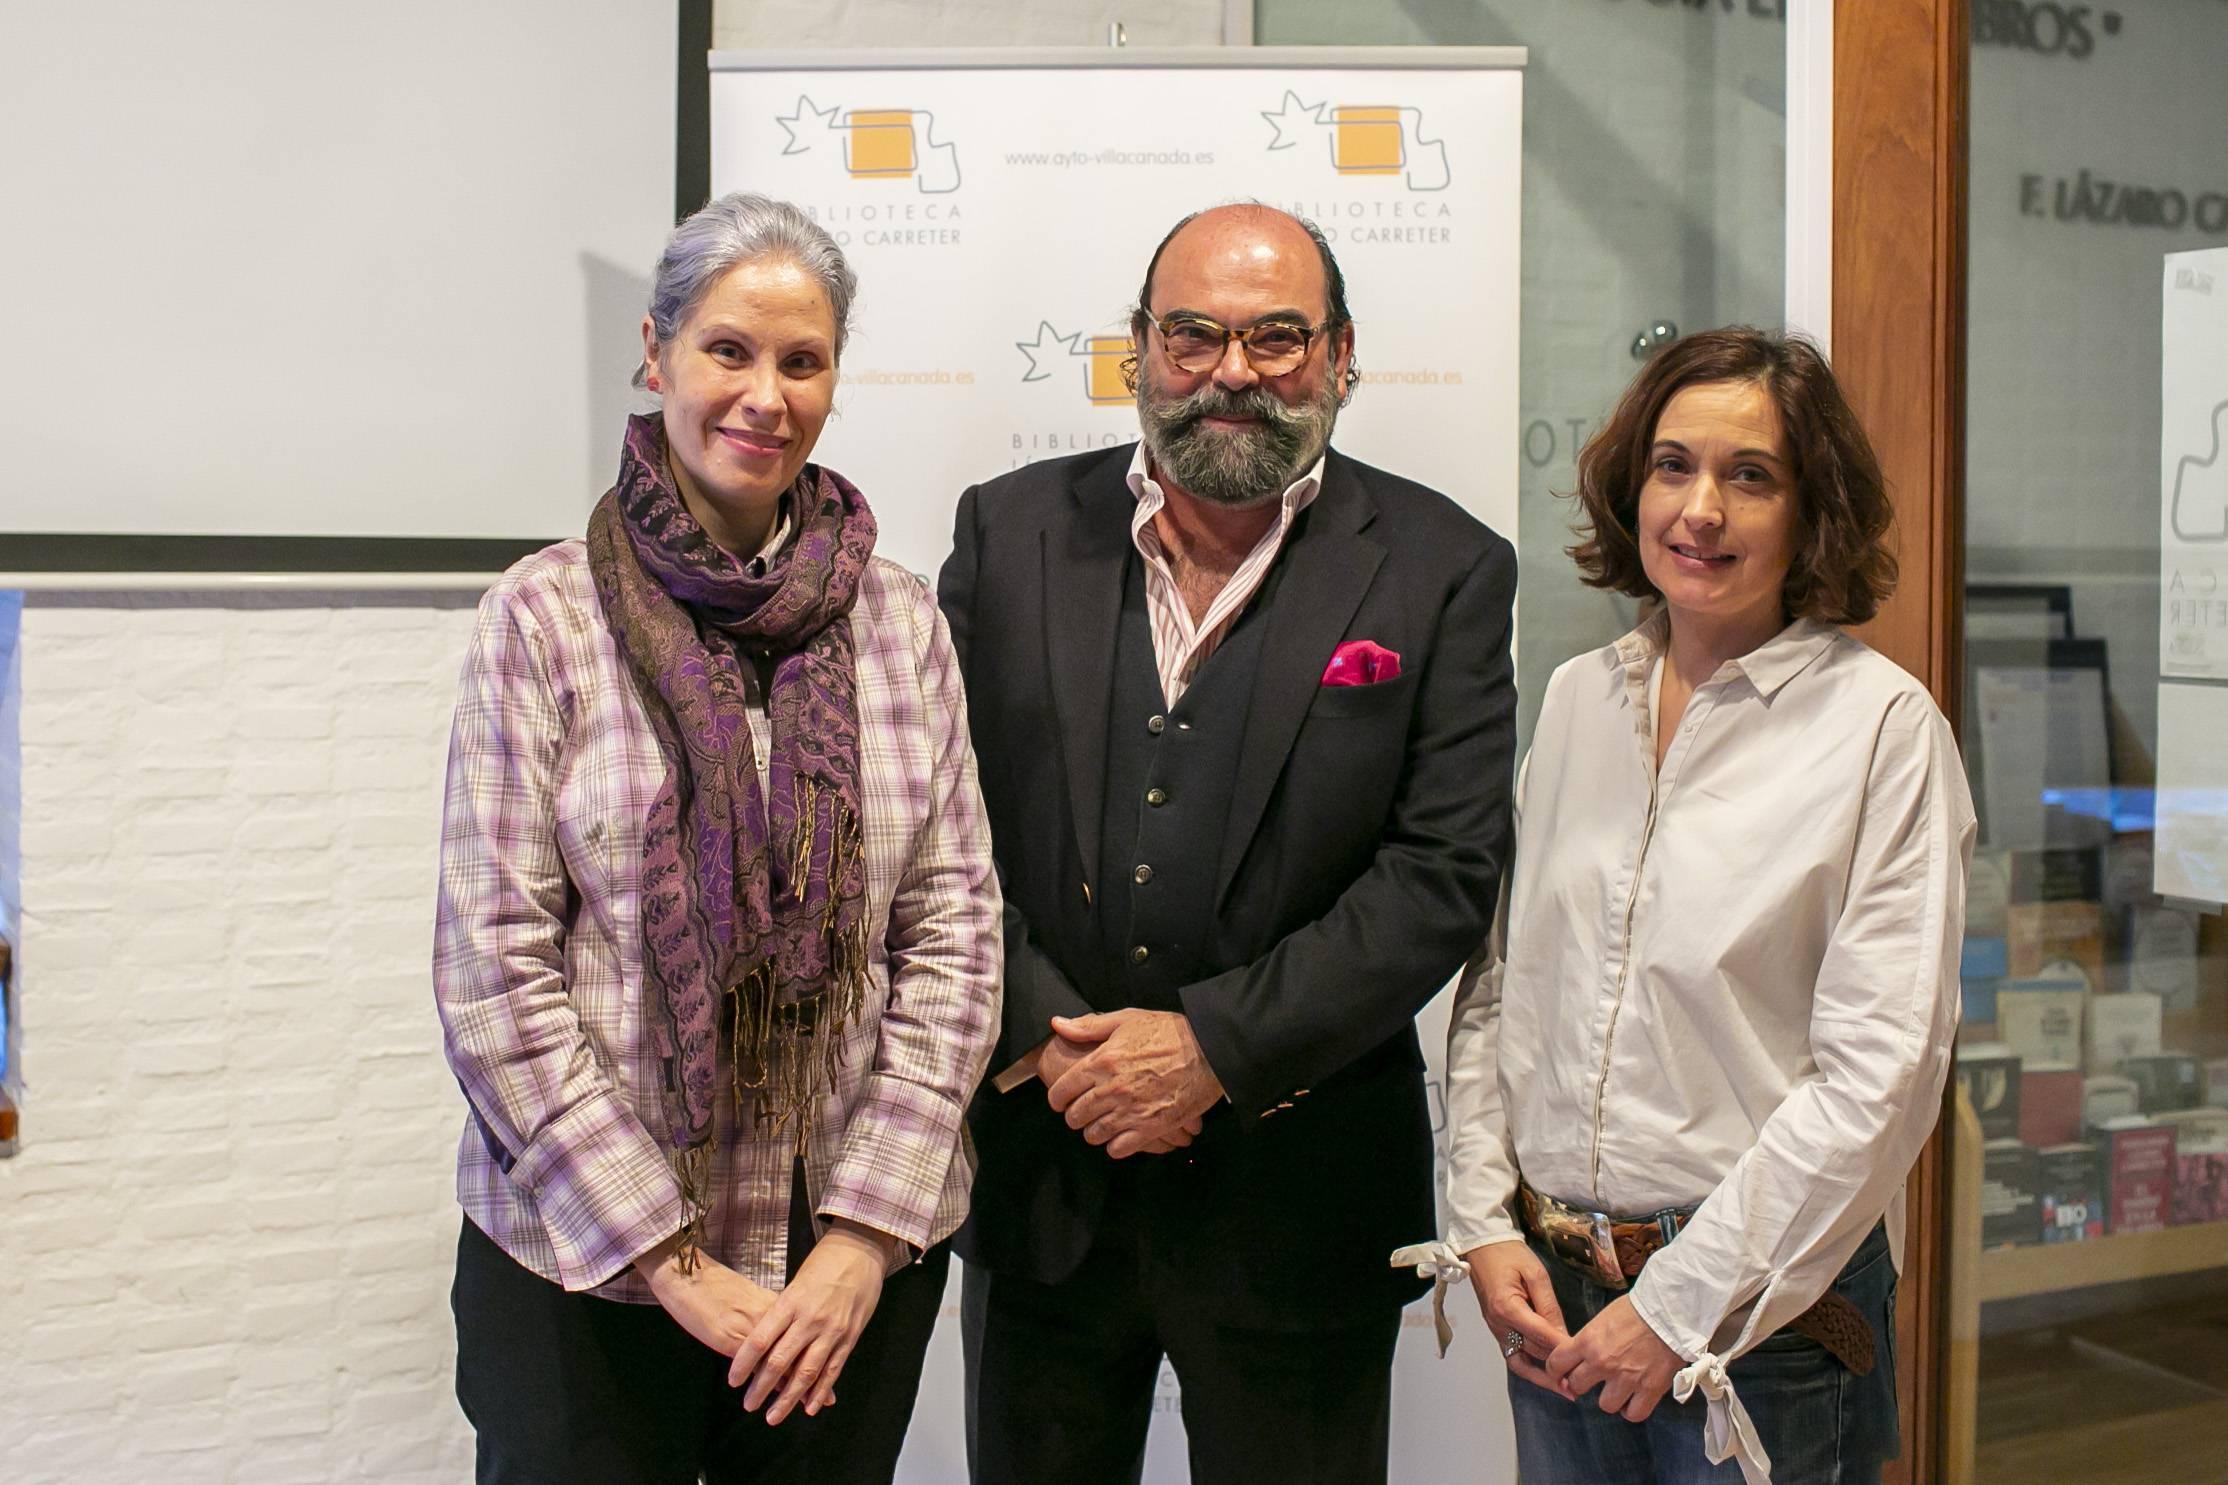 La conferenciante, Olalla García,junto al concejal de Cultura, Jesús Fernando Agudo Sánchez y la directora de la Biblioteca, Purificación Flores.